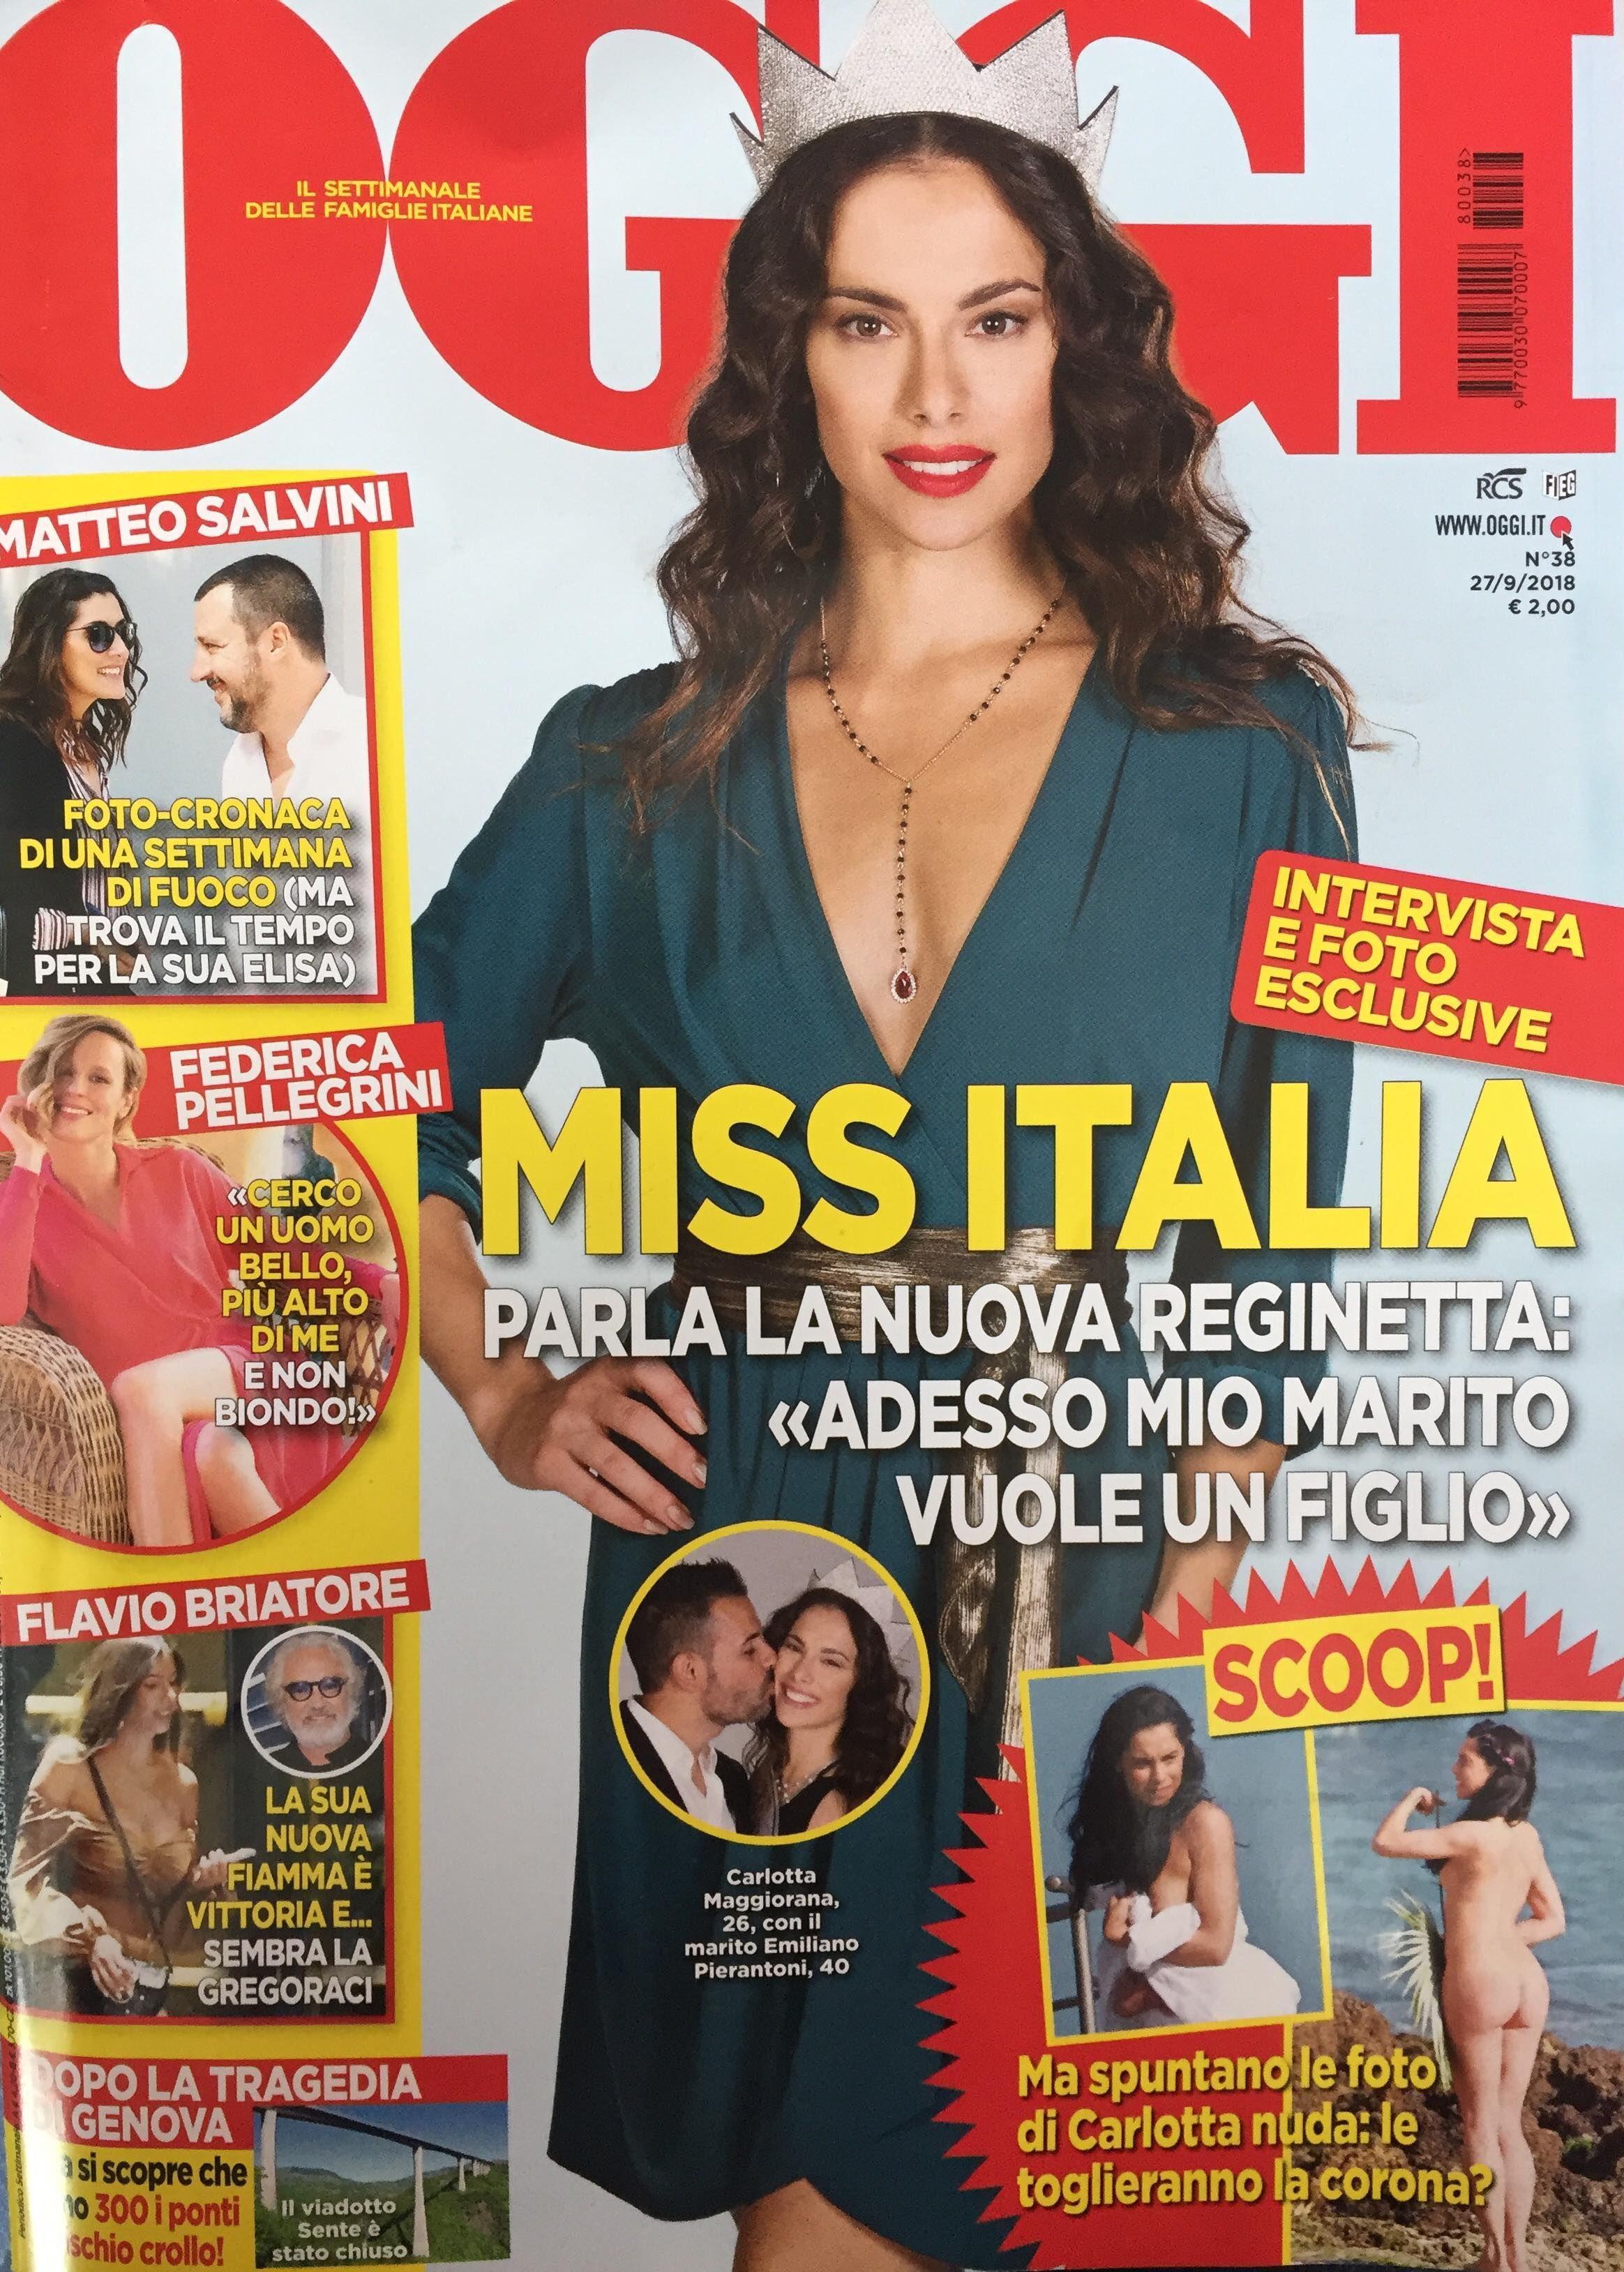 Calendario Senza Veli 2018.Miss Italia 2018 Carlotta Maggiorana A Rischio Il Titolo